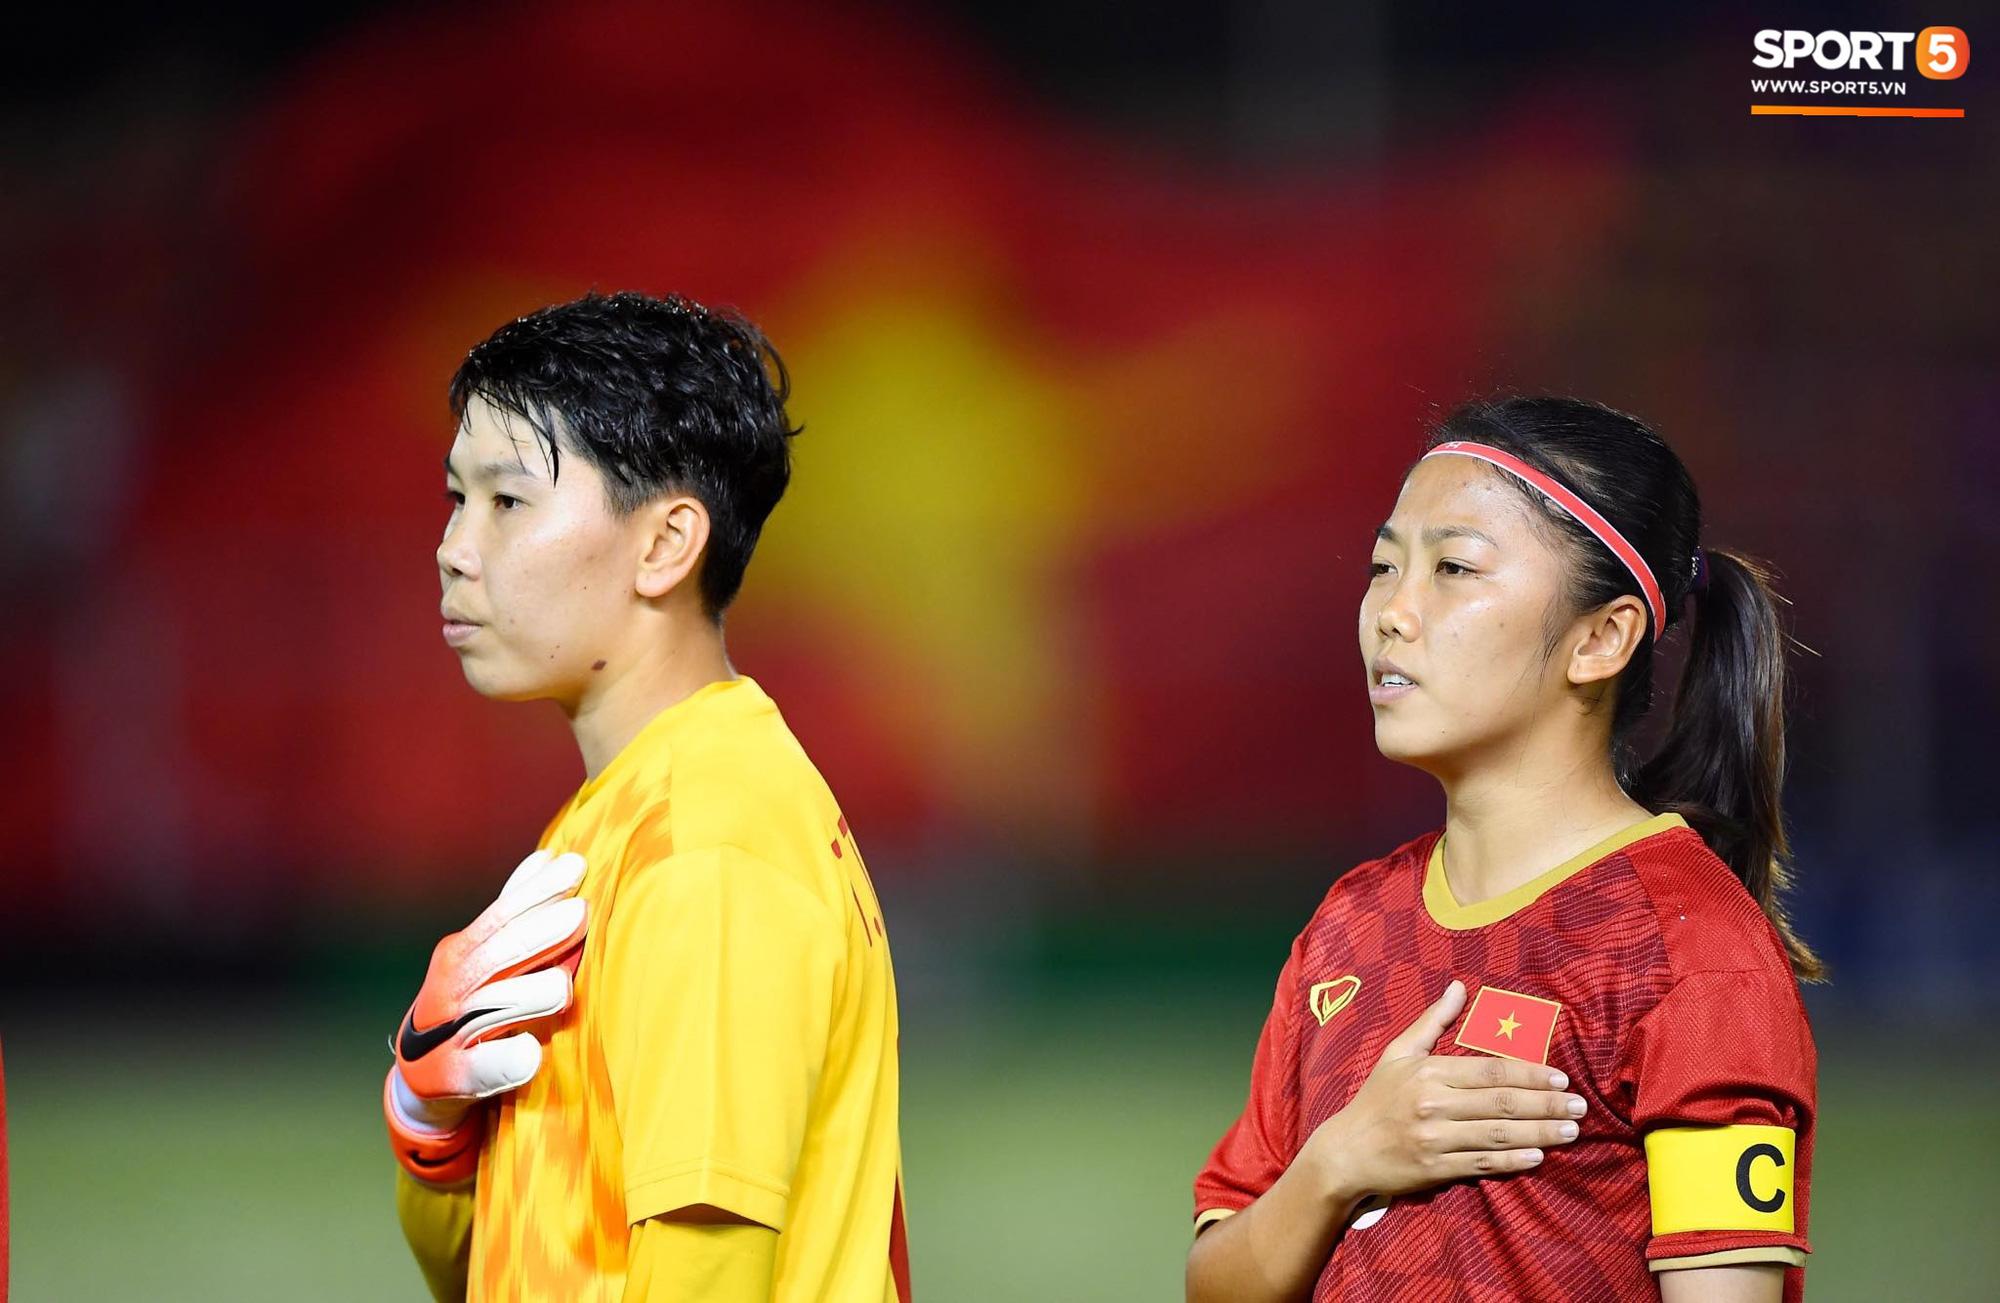 Đội trưởng tuyển nữ Việt Nam đổ gục xuống sân vì kiệt sức sau khi cùng đồng đội giành quyền vào chung kết SEA Games 30 - Ảnh 2.